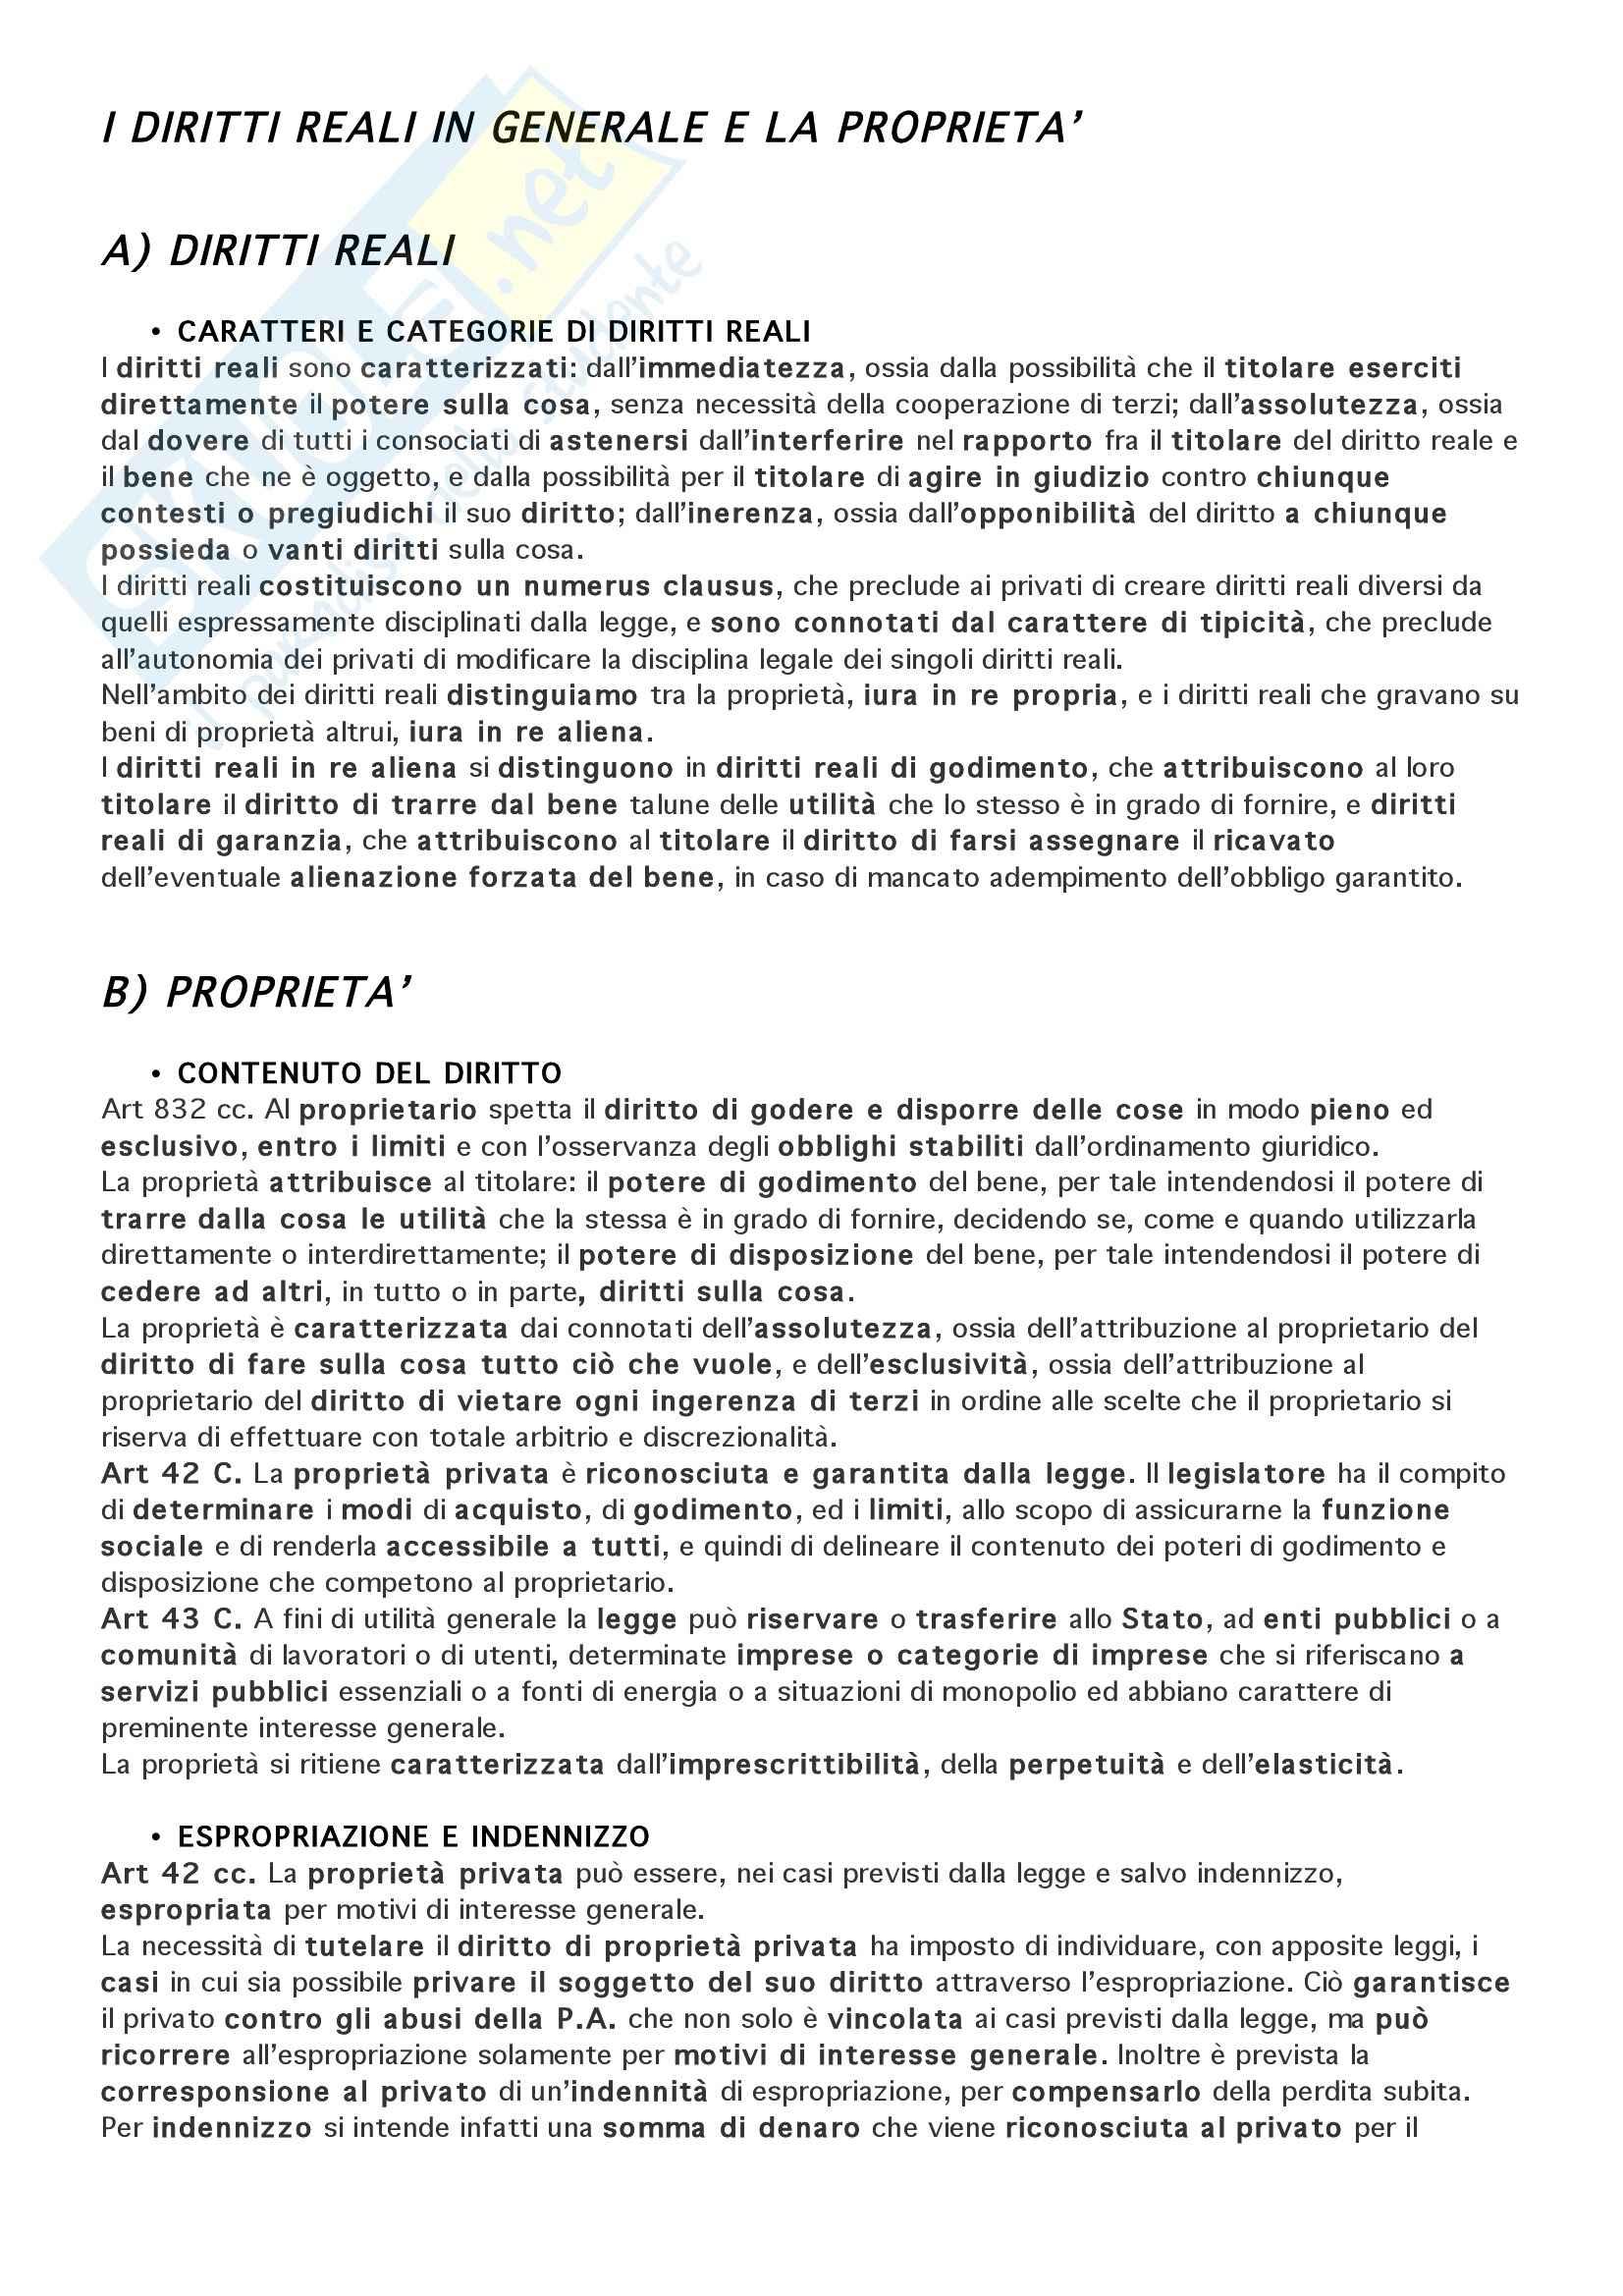 Manuale di diritto privato, Torrente - Appunti